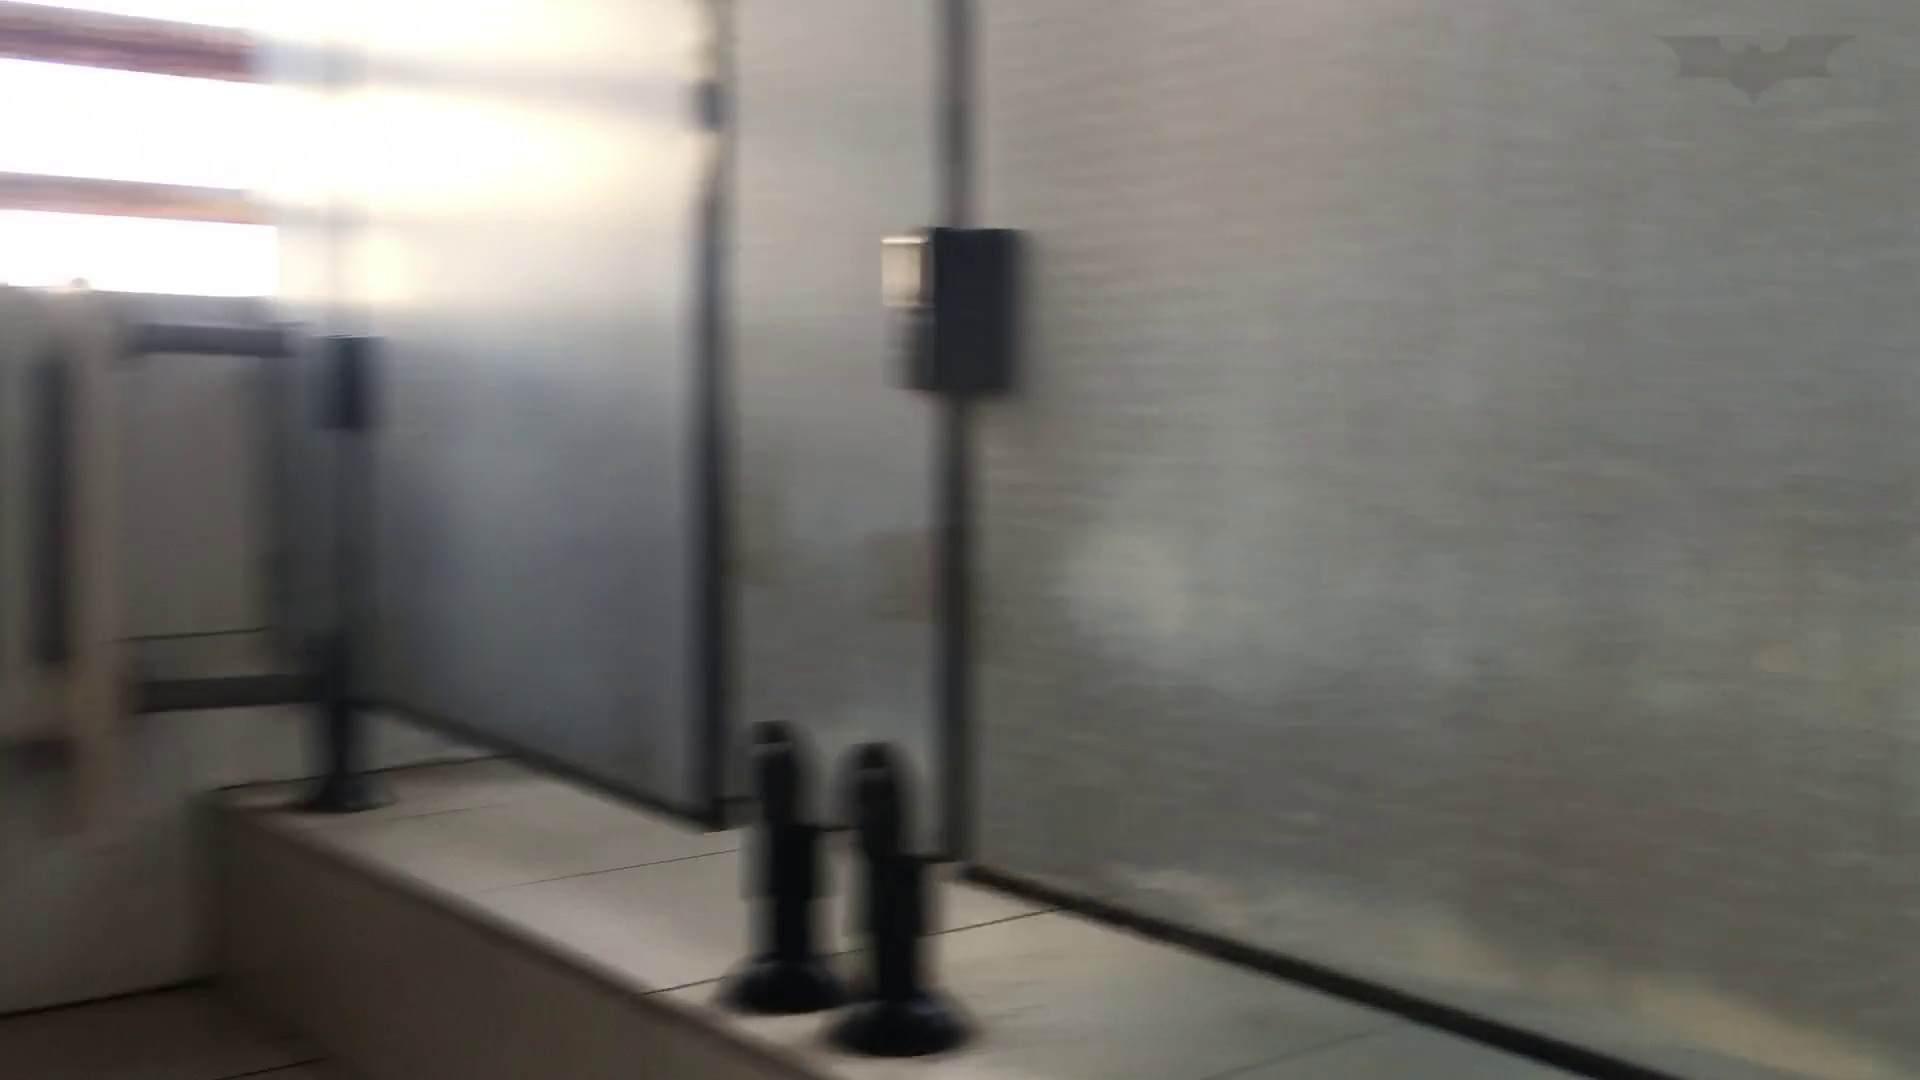 芸術大学ガチ潜入盗撮 JD盗撮 美女の洗面所の秘密 Vol.91 洗面所着替え | トイレ中  48連発 6